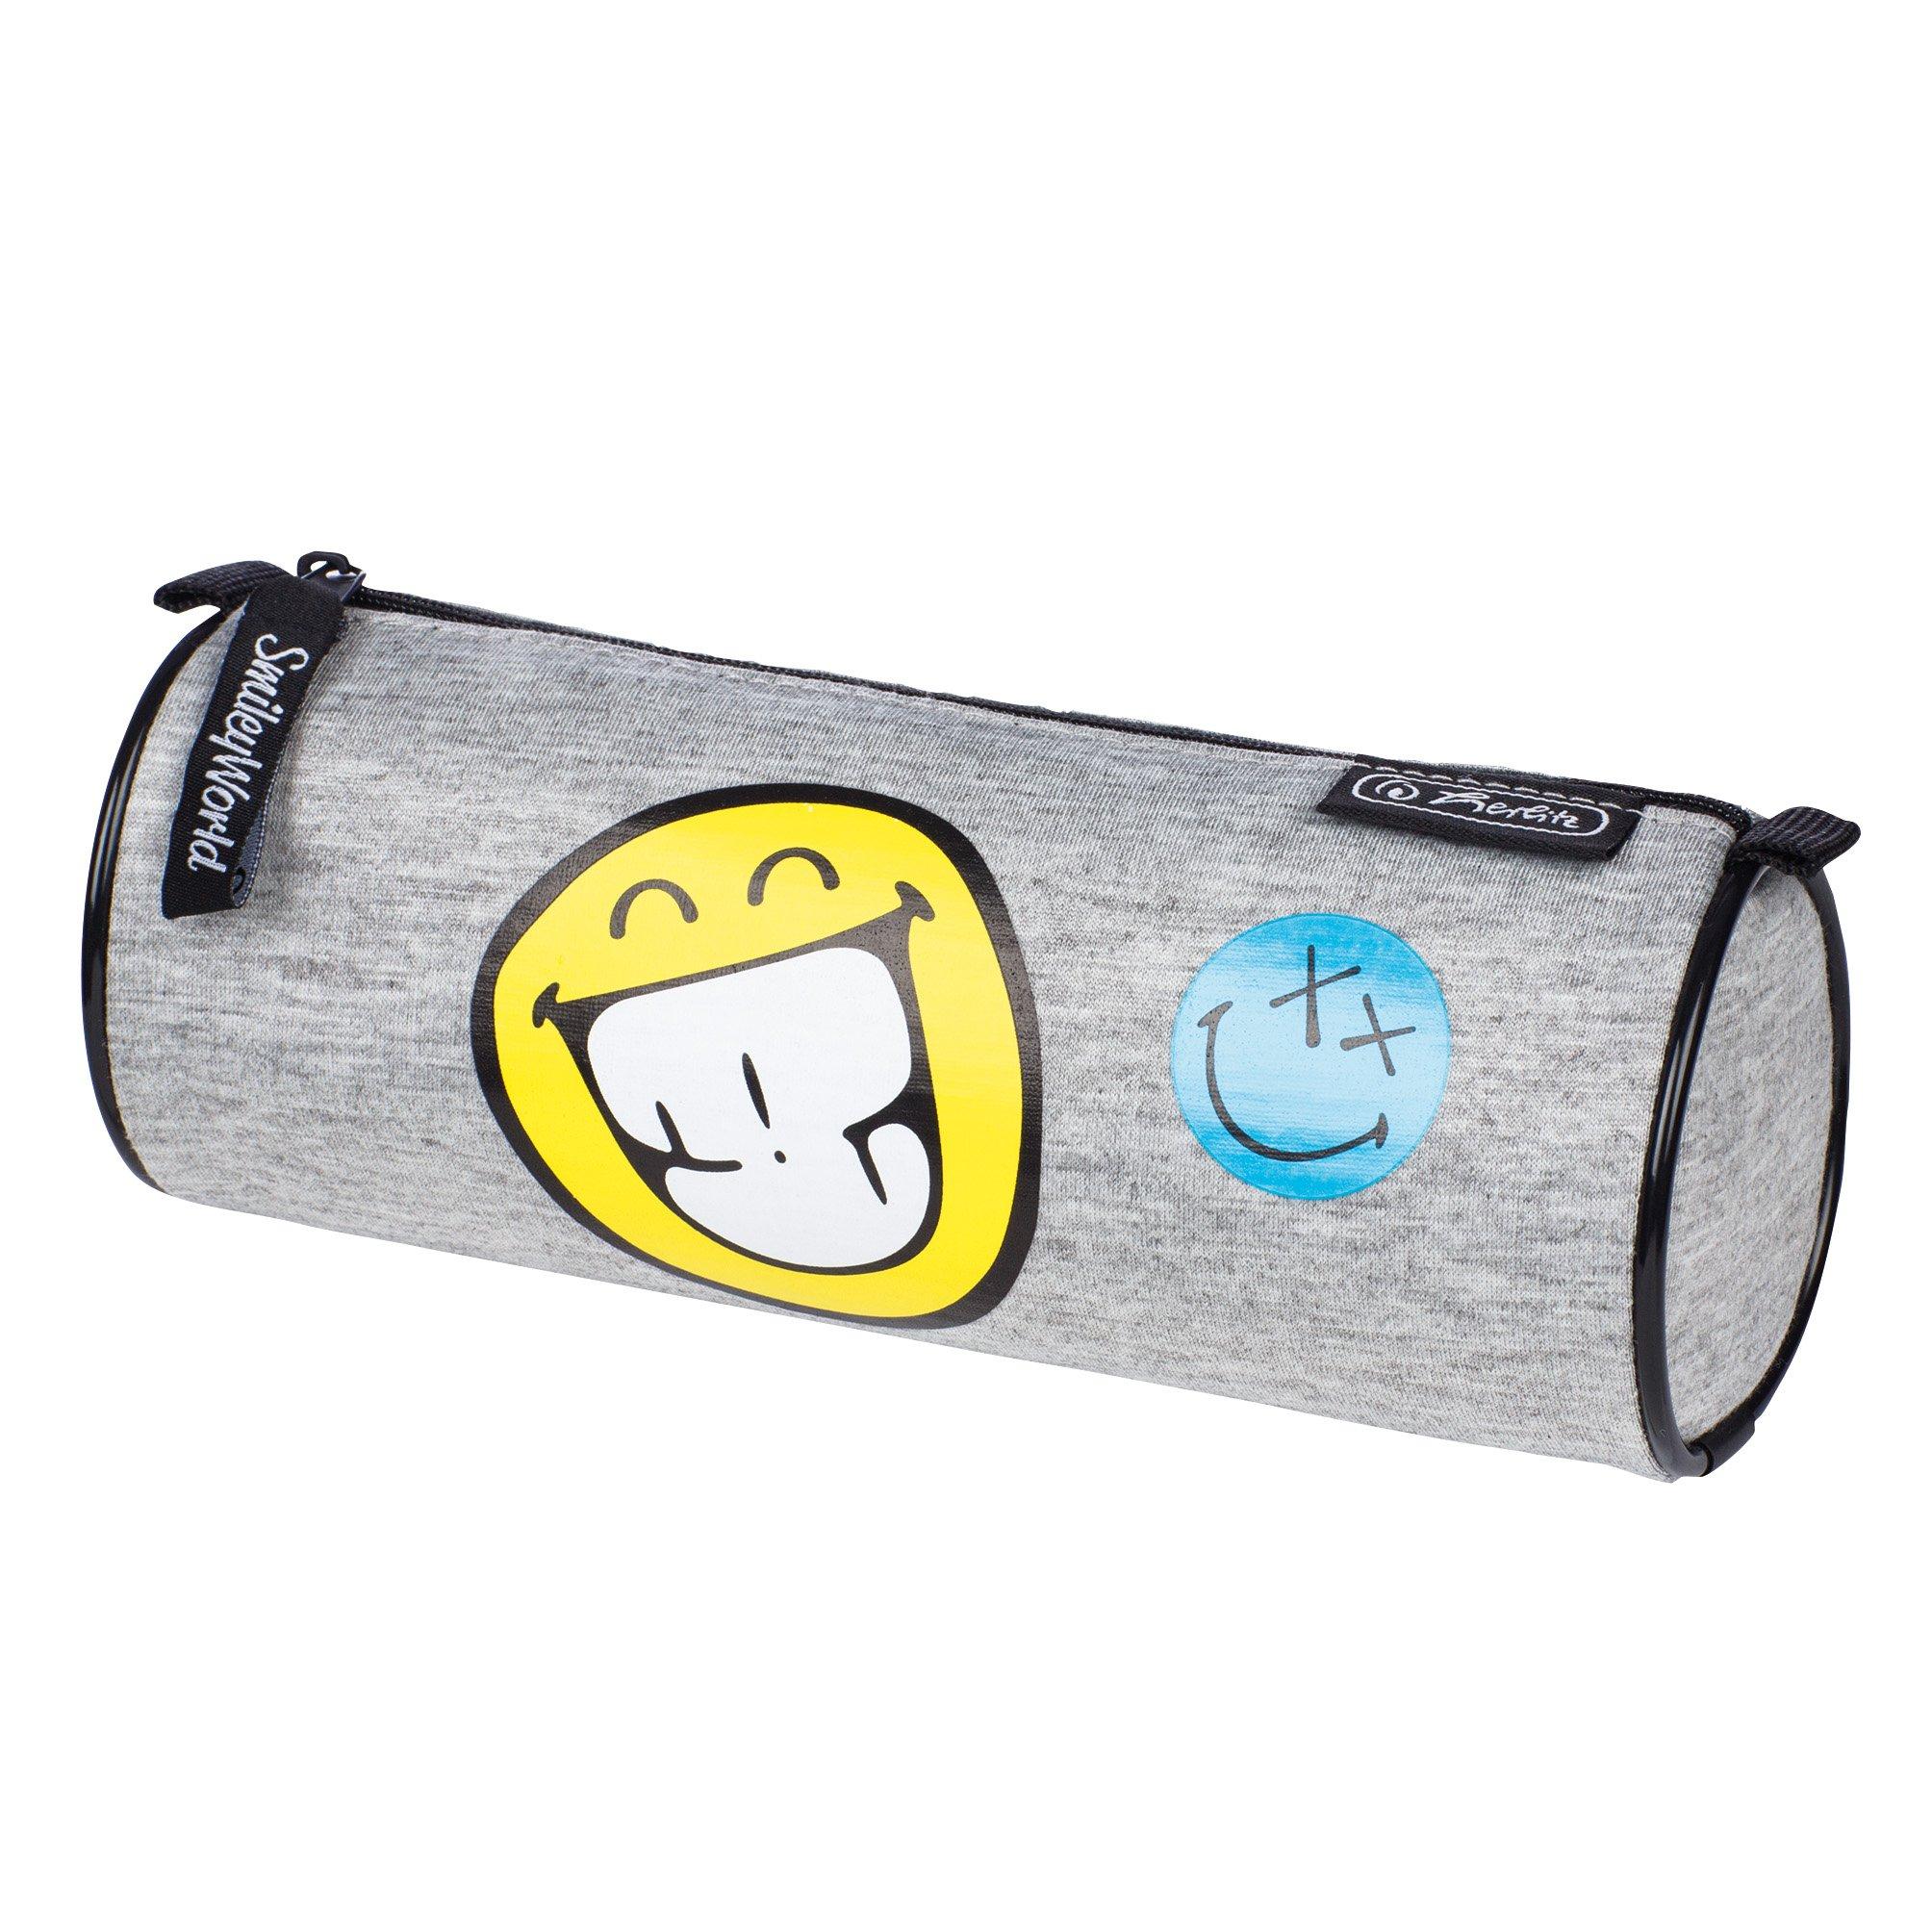 Herlitz 11412707 - Astuccio portapenne, motivo smiley